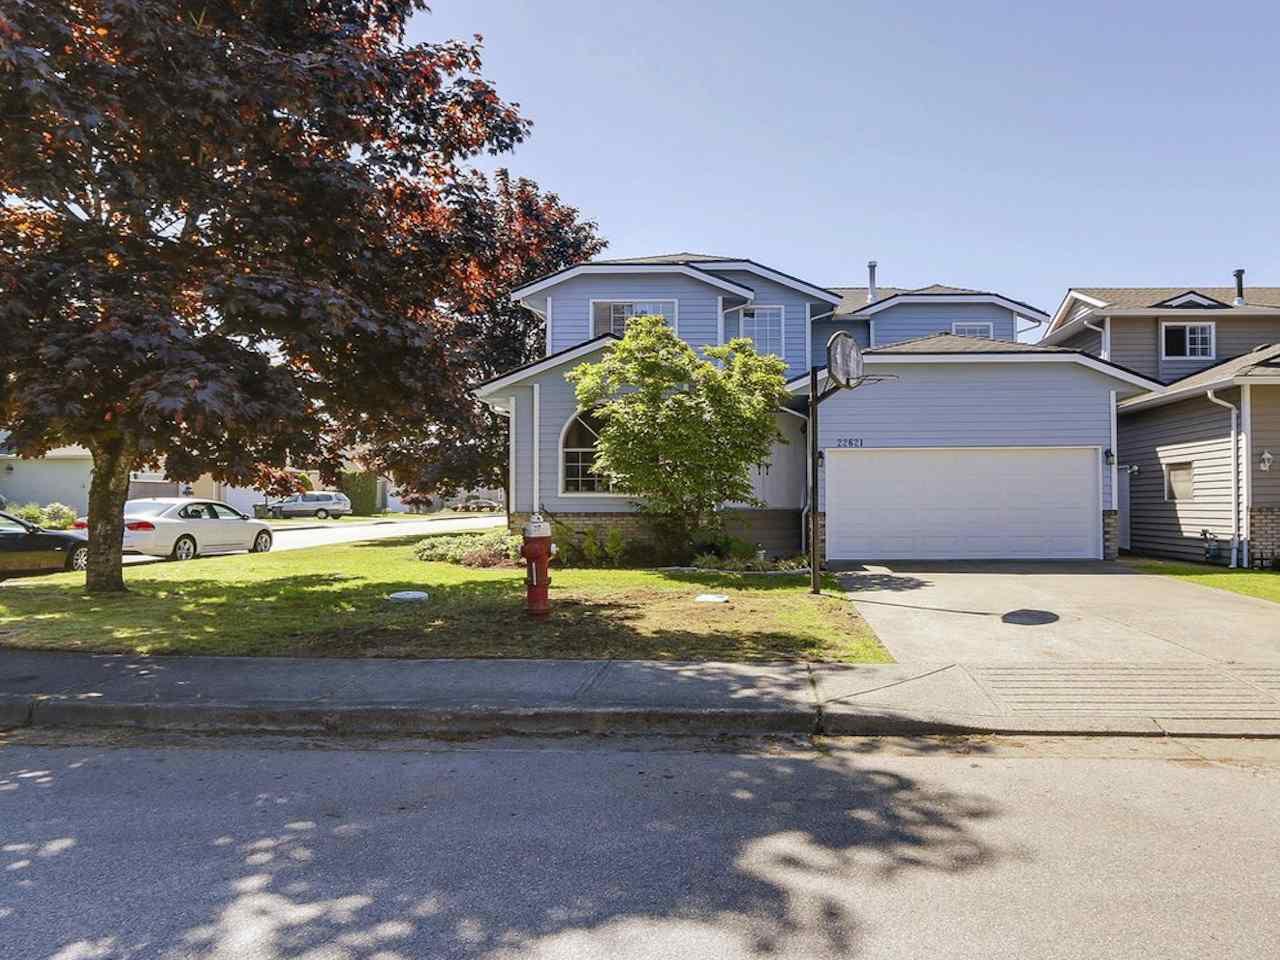 """Main Photo: 22621 FRASERBANK Crescent in Richmond: Hamilton RI House for sale in """"HAMILTON RI"""" : MLS®# R2169940"""